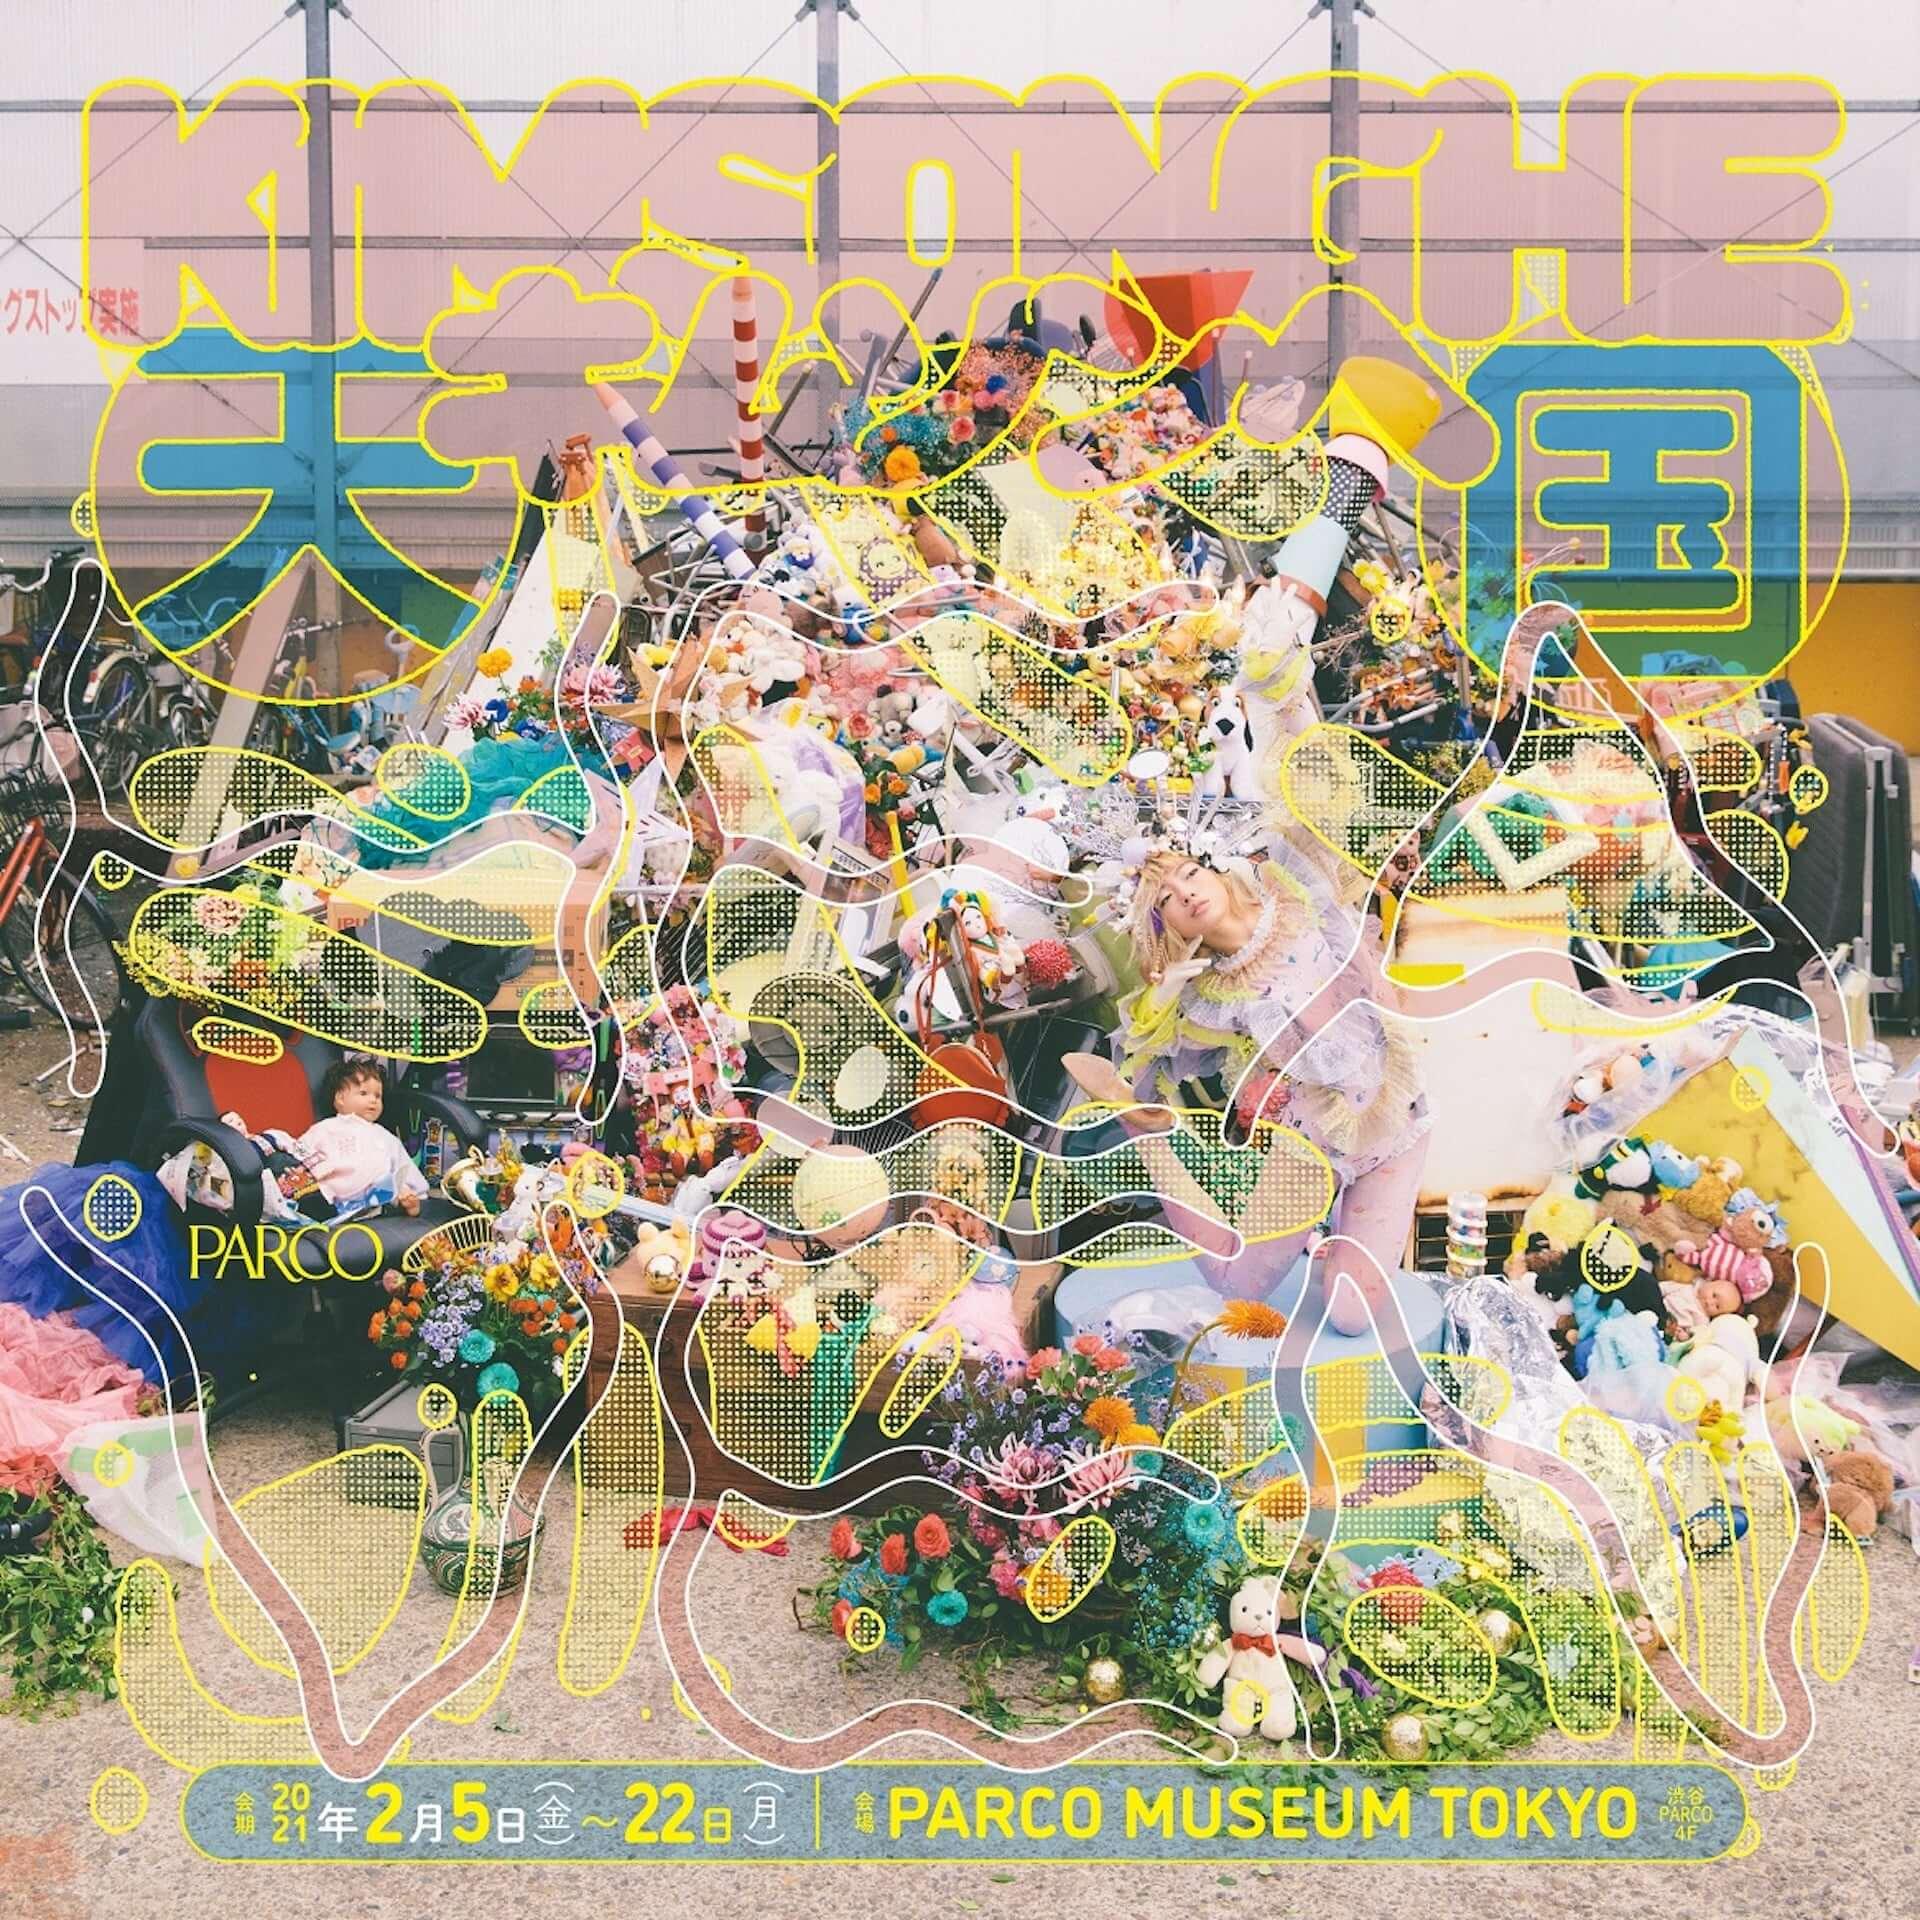 シャンデリアアーティスト、キム・ソンヘの活動15周年記念!渋谷PARCOにて展覧会<天国 − HEAVEN>が開催決定&公開制作も実施 art210118_kimsonghe_1-1920x1920